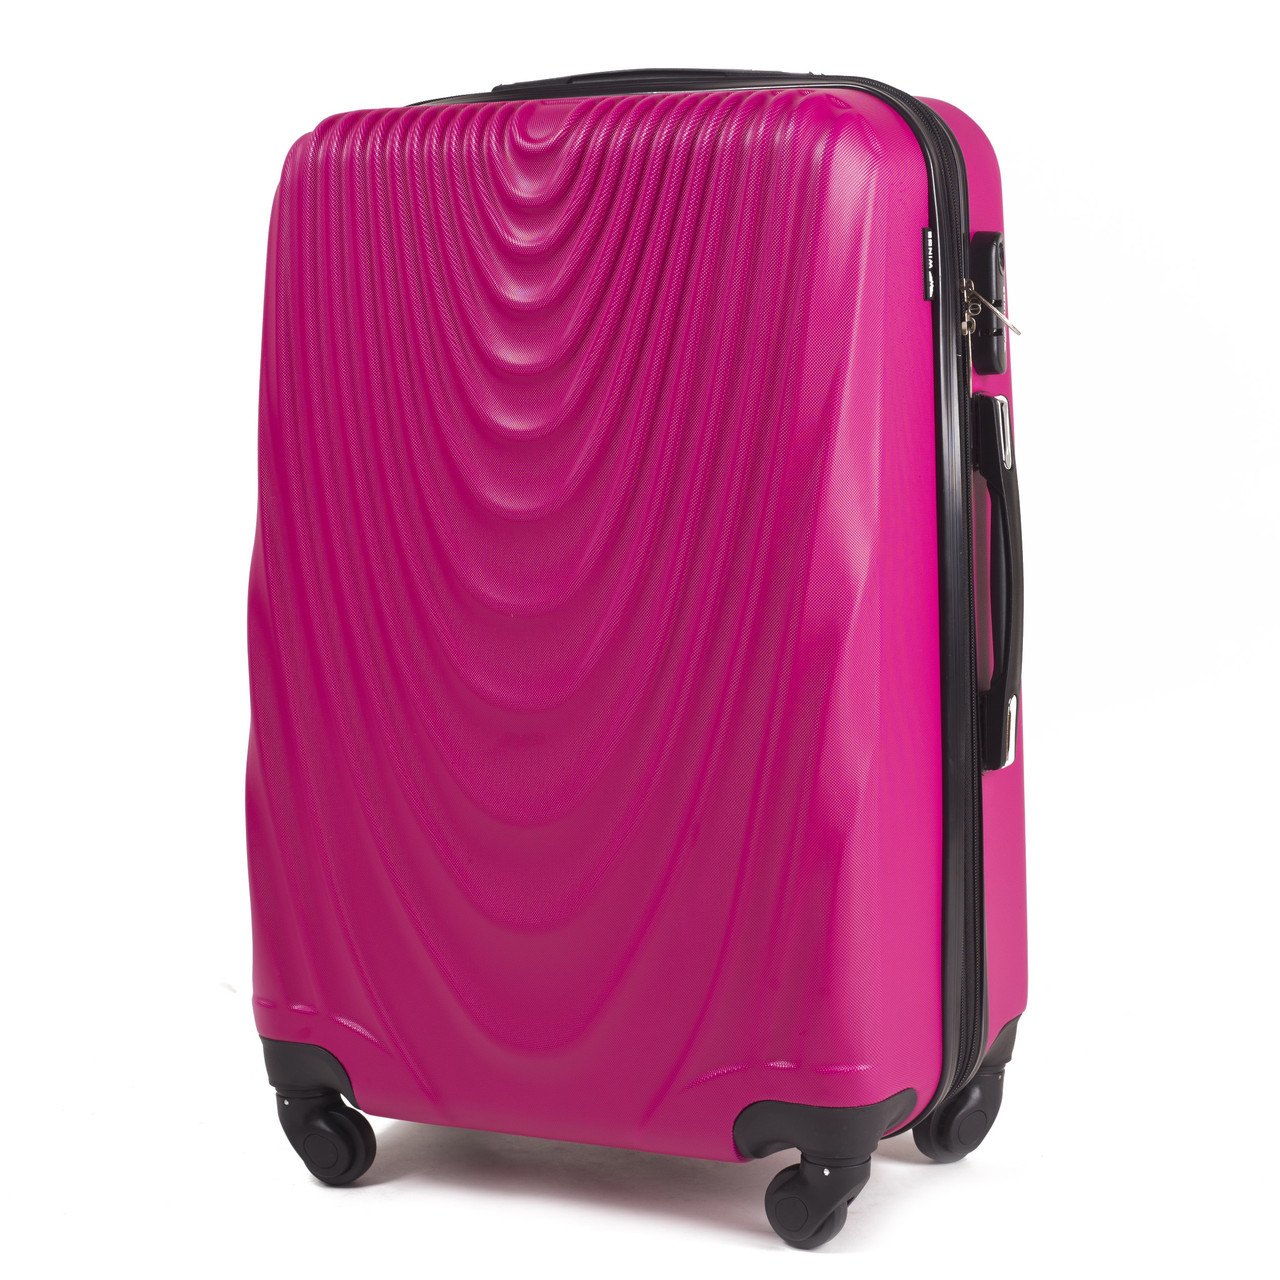 Чемодан Wings 304 средний 66х43х27 см 66л пластиковый на 4 колесах Розовый